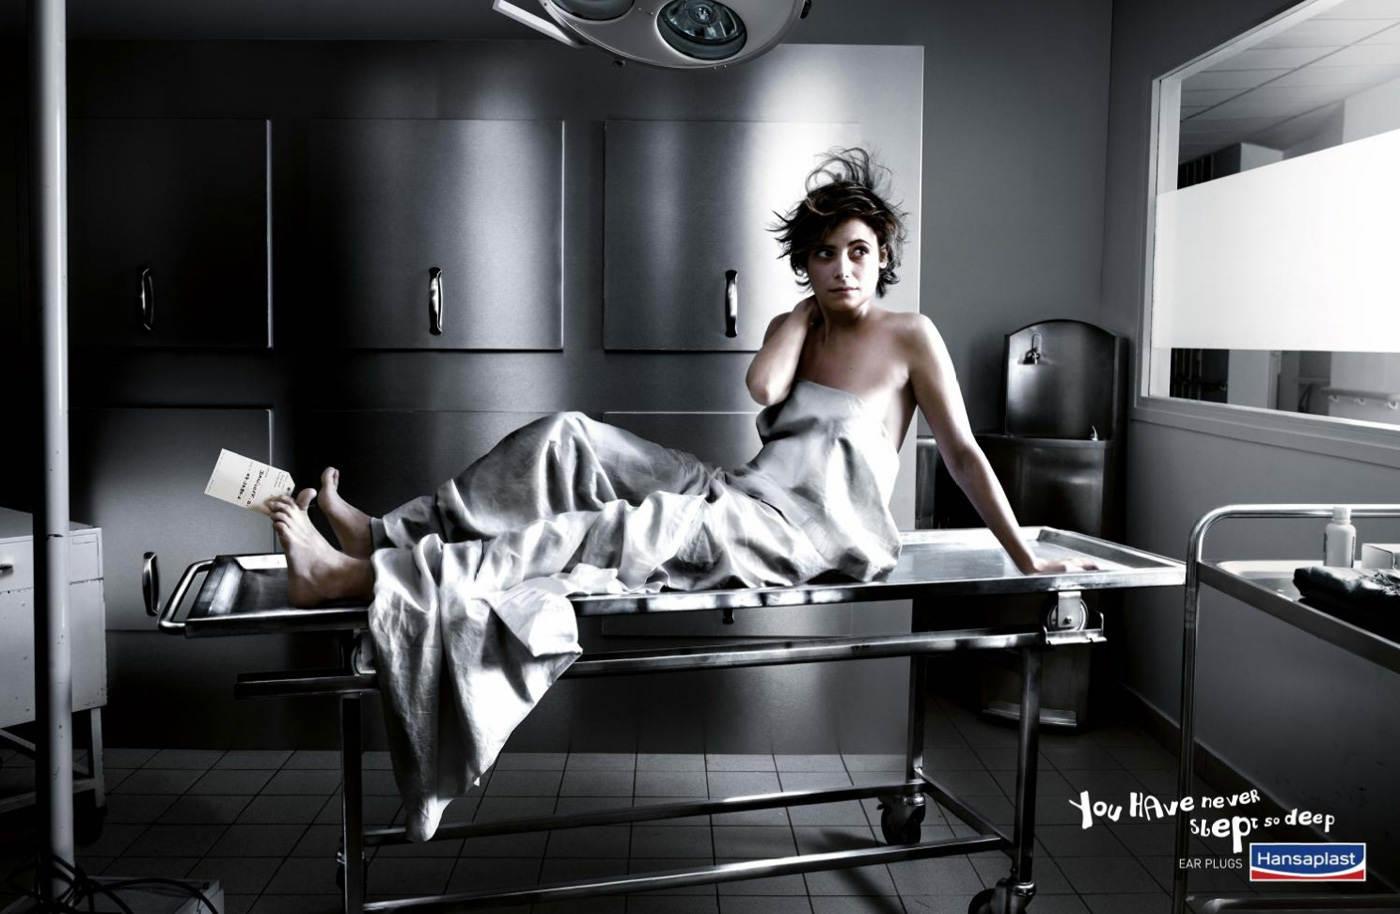 Мати покійного Кузьми Скрябіна скаржиться на похоронні фірми: вони використовують фото її сина в рекламі - Цензор.НЕТ 349